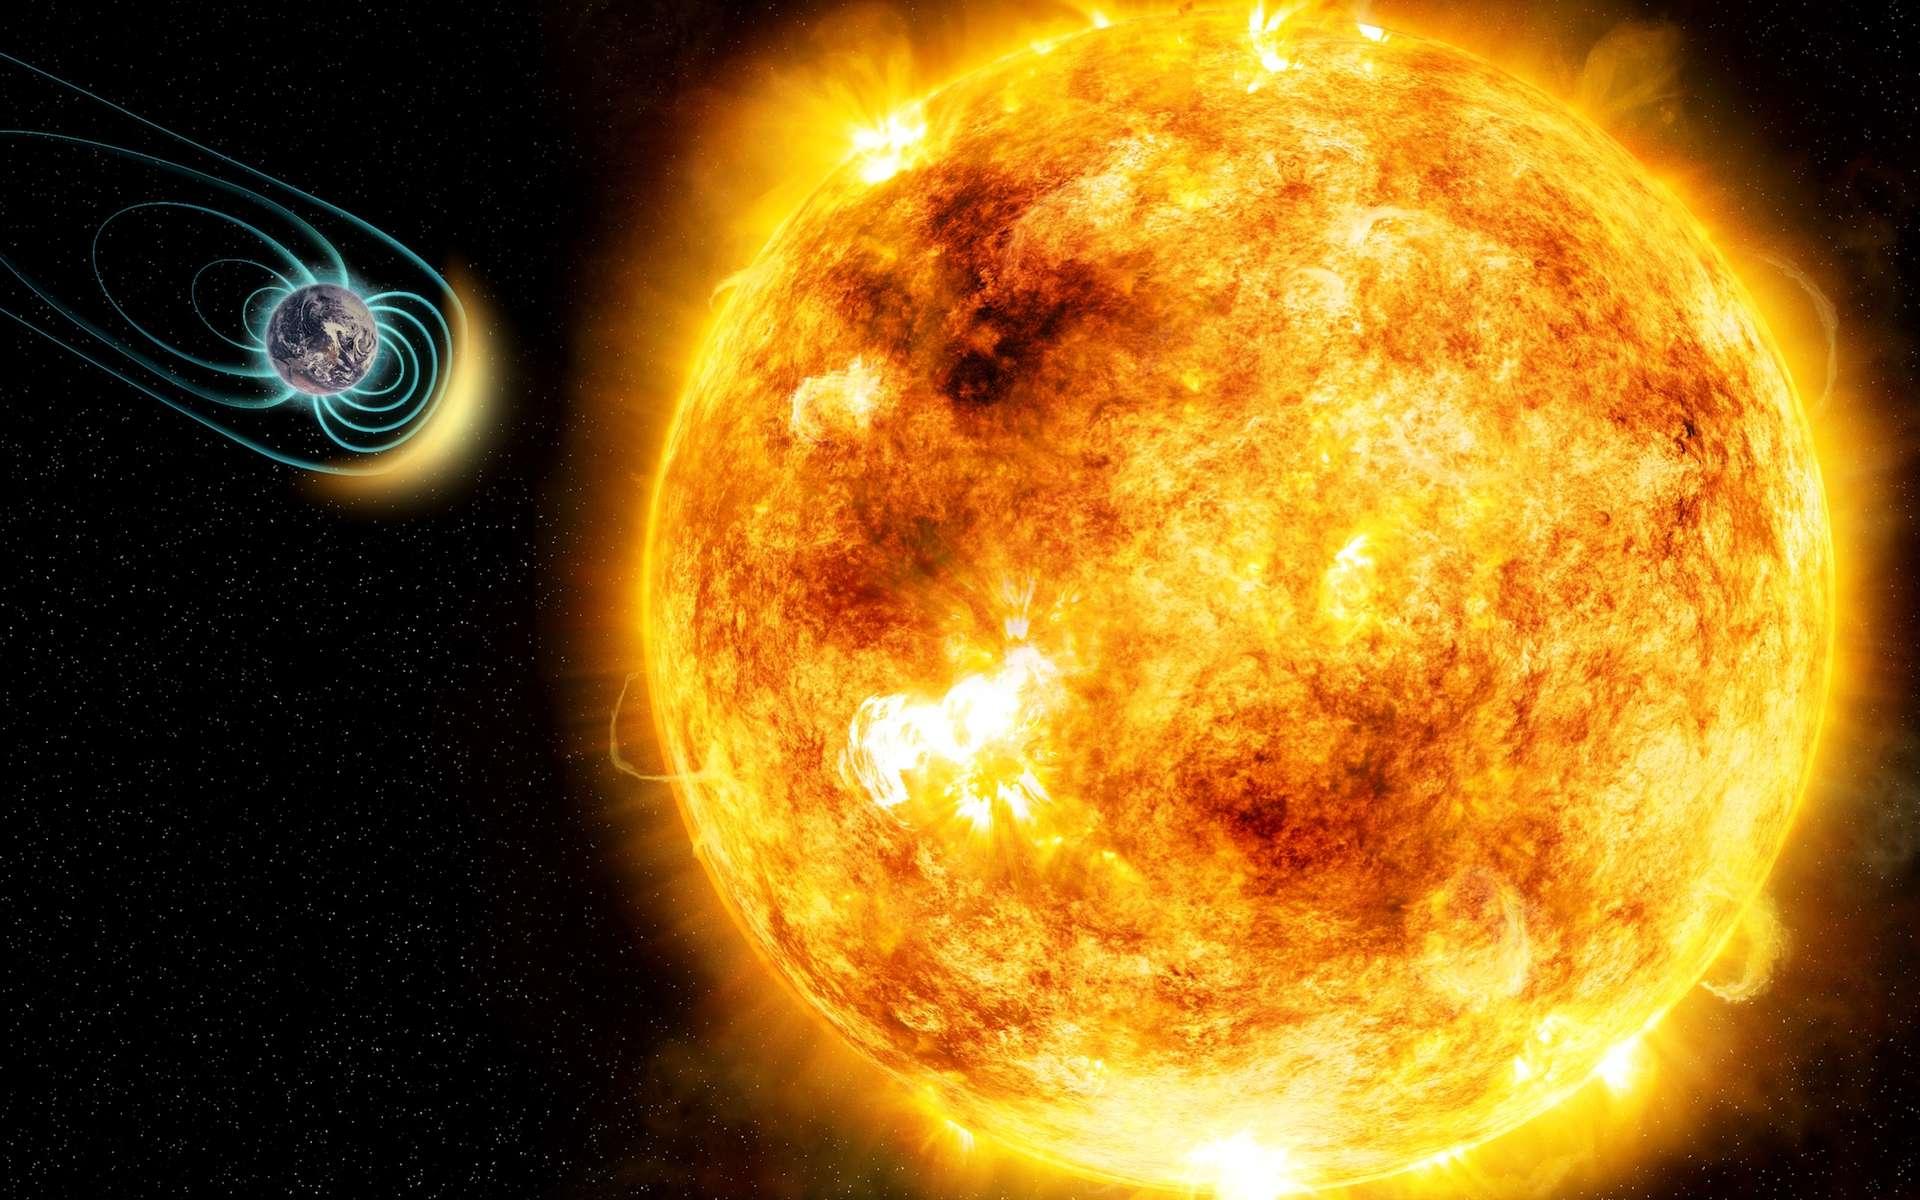 Il y a 4 milliards d'années, les « supertempêtes » du jeune Soleil bousculaient la magnétosphère terrestre jusqu'à 10 fois par jour. © M. Weiss, CfA